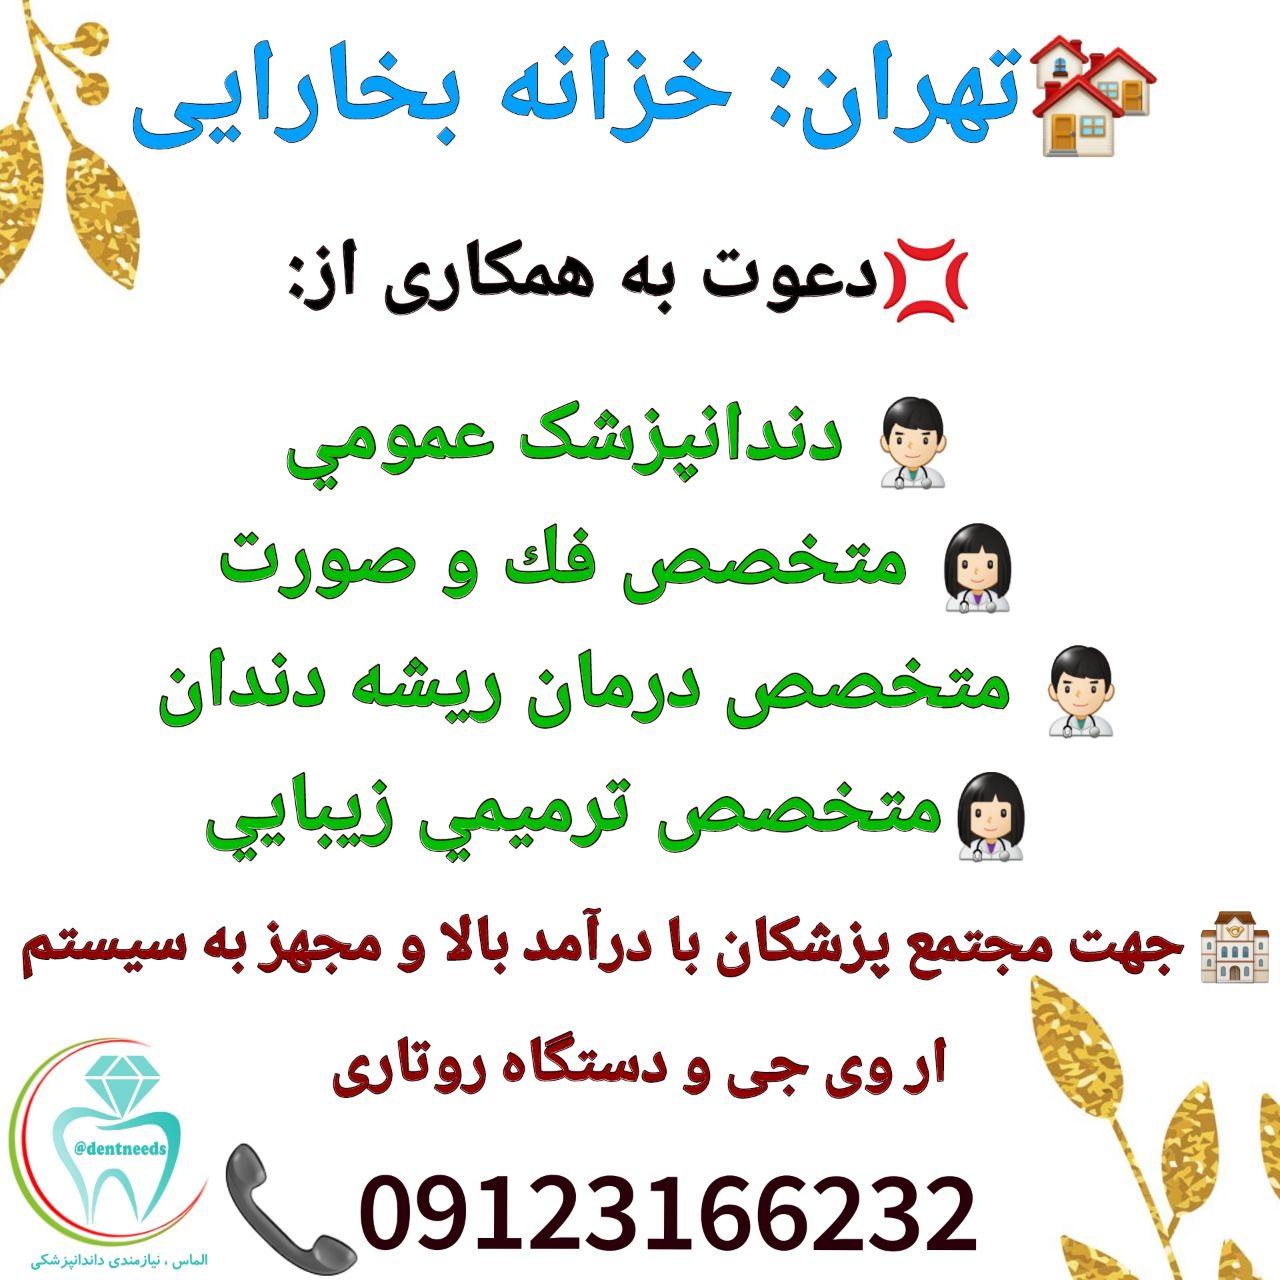 تهران: خزانه بخارایی، نیاز به دندانپزشک عمومی، متخصص فک و صورت، متخصص درمان ریشه و متخصص ترمیمی زیبایی